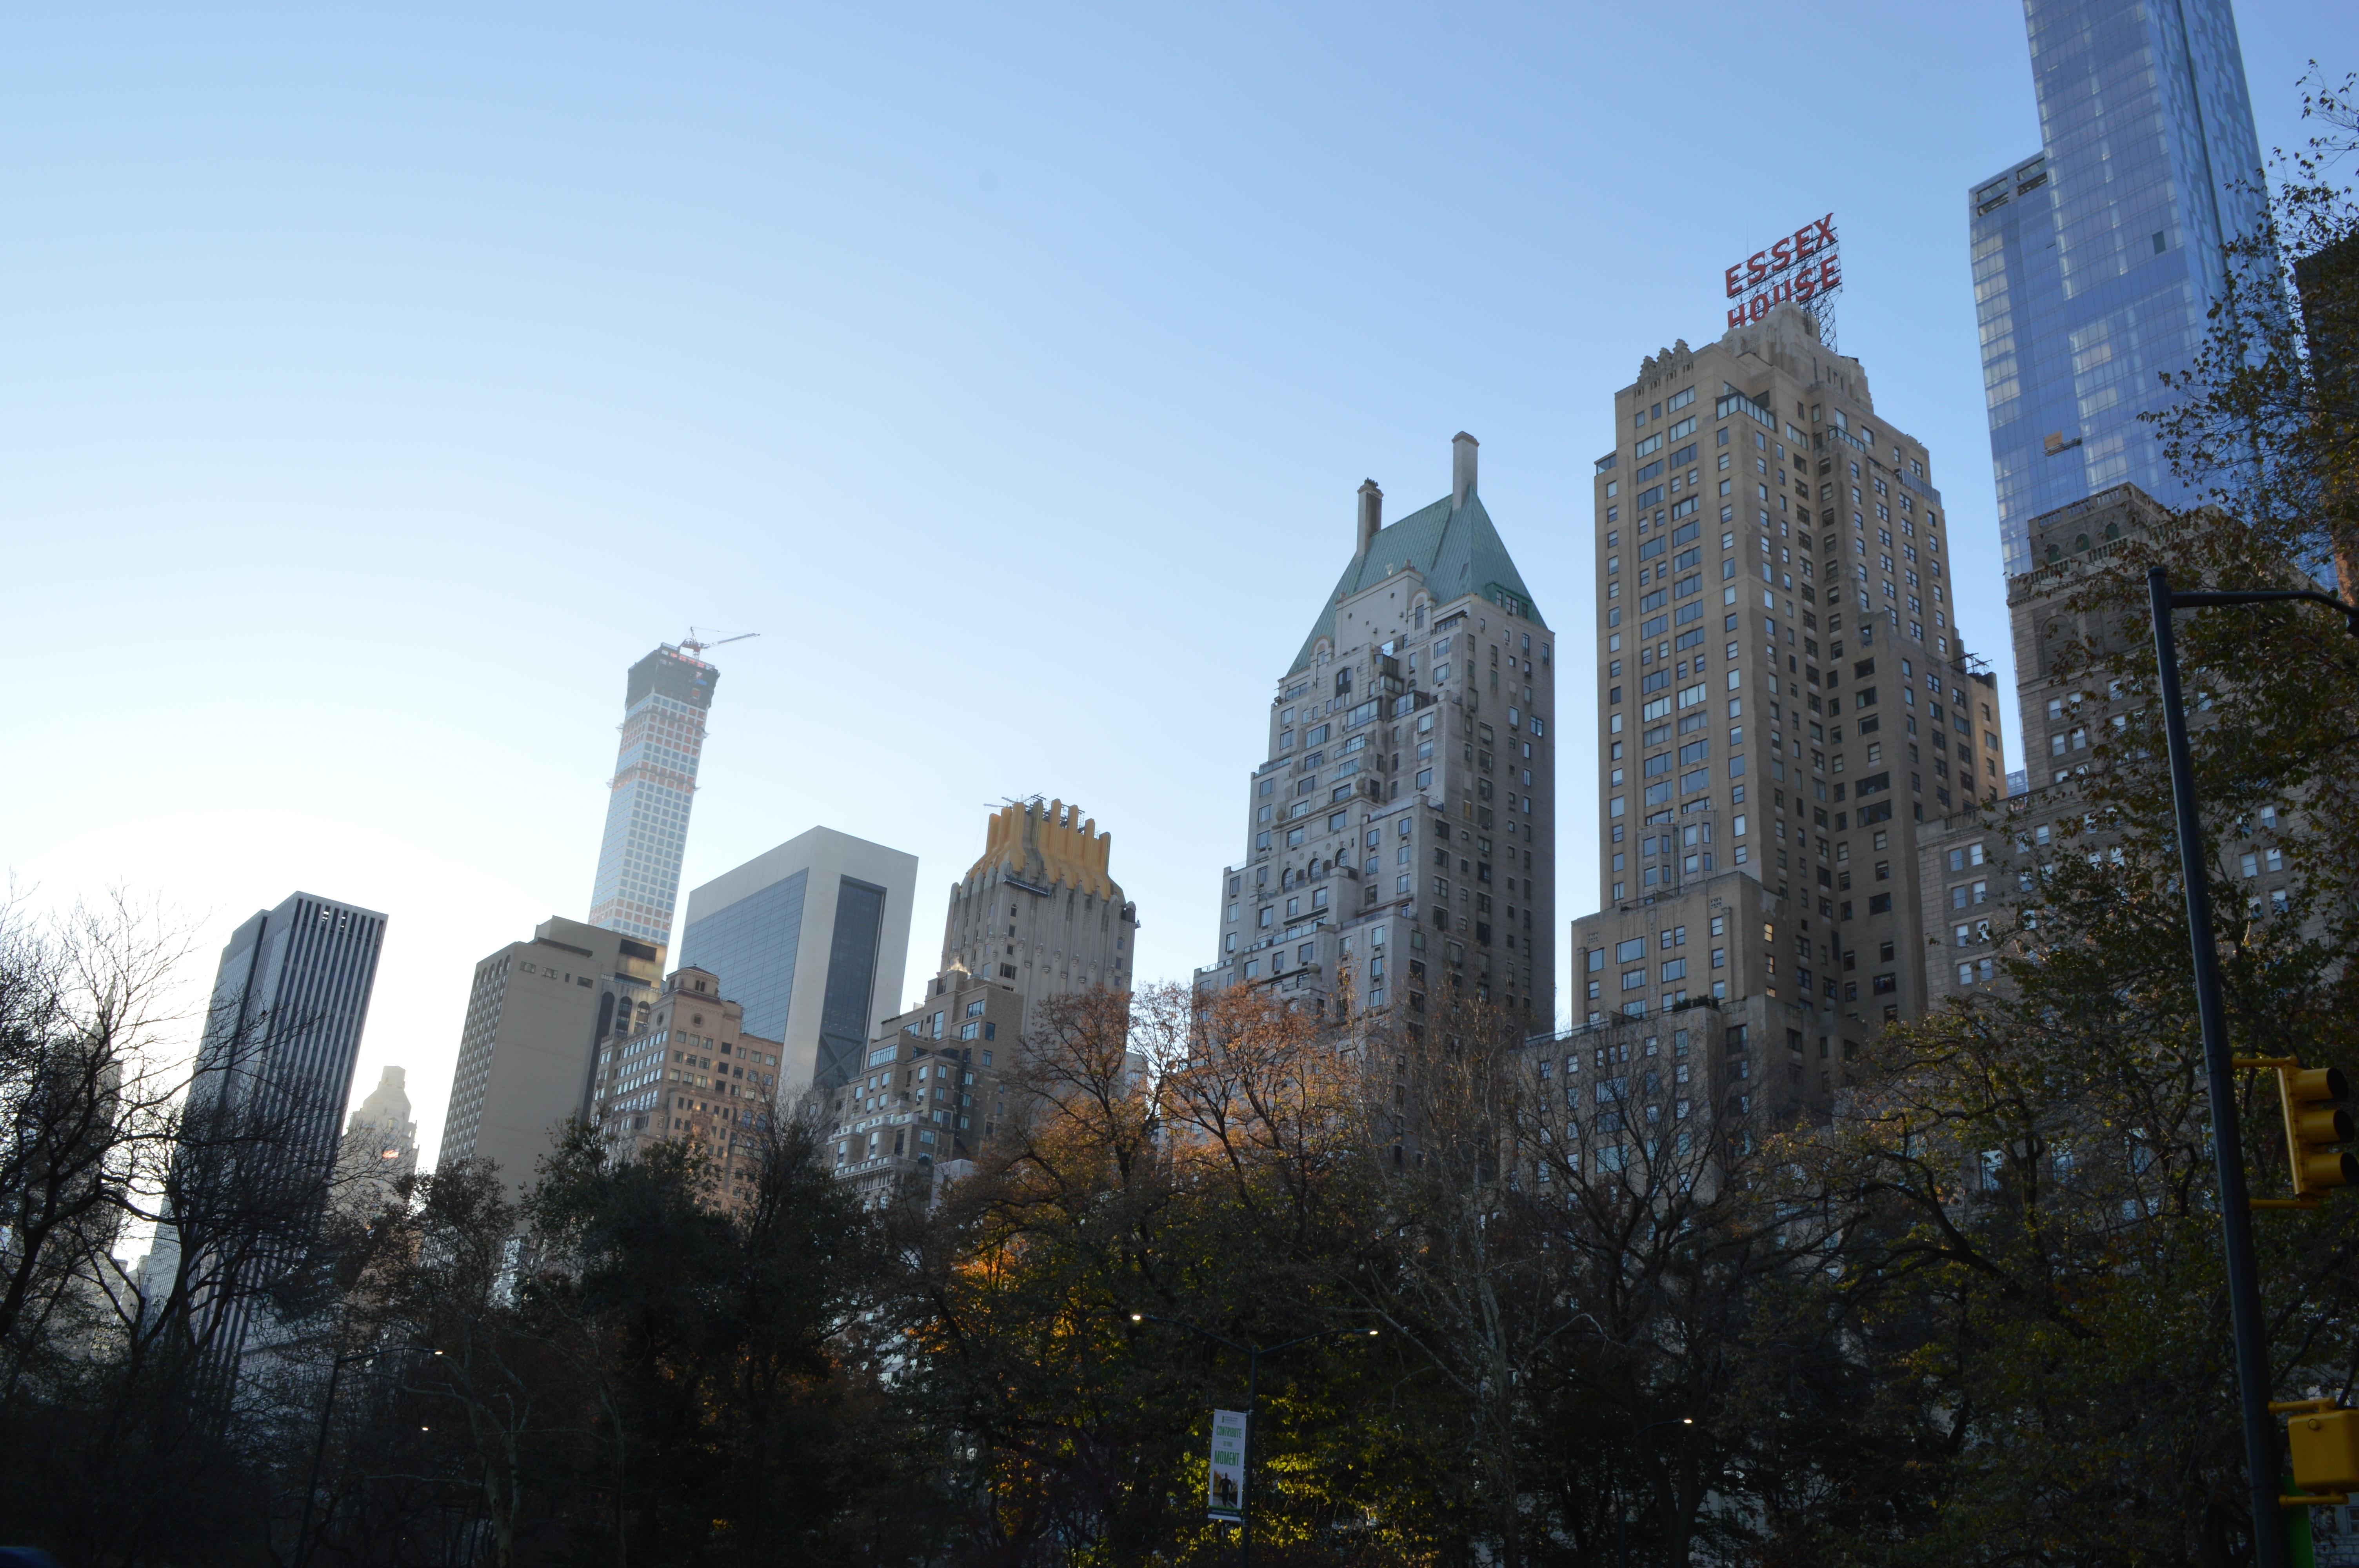 nueva york paisaje urbano centro de la ciudad torre punto de referencia catedral turismo parque central bloque de pisos estados unidos aguja